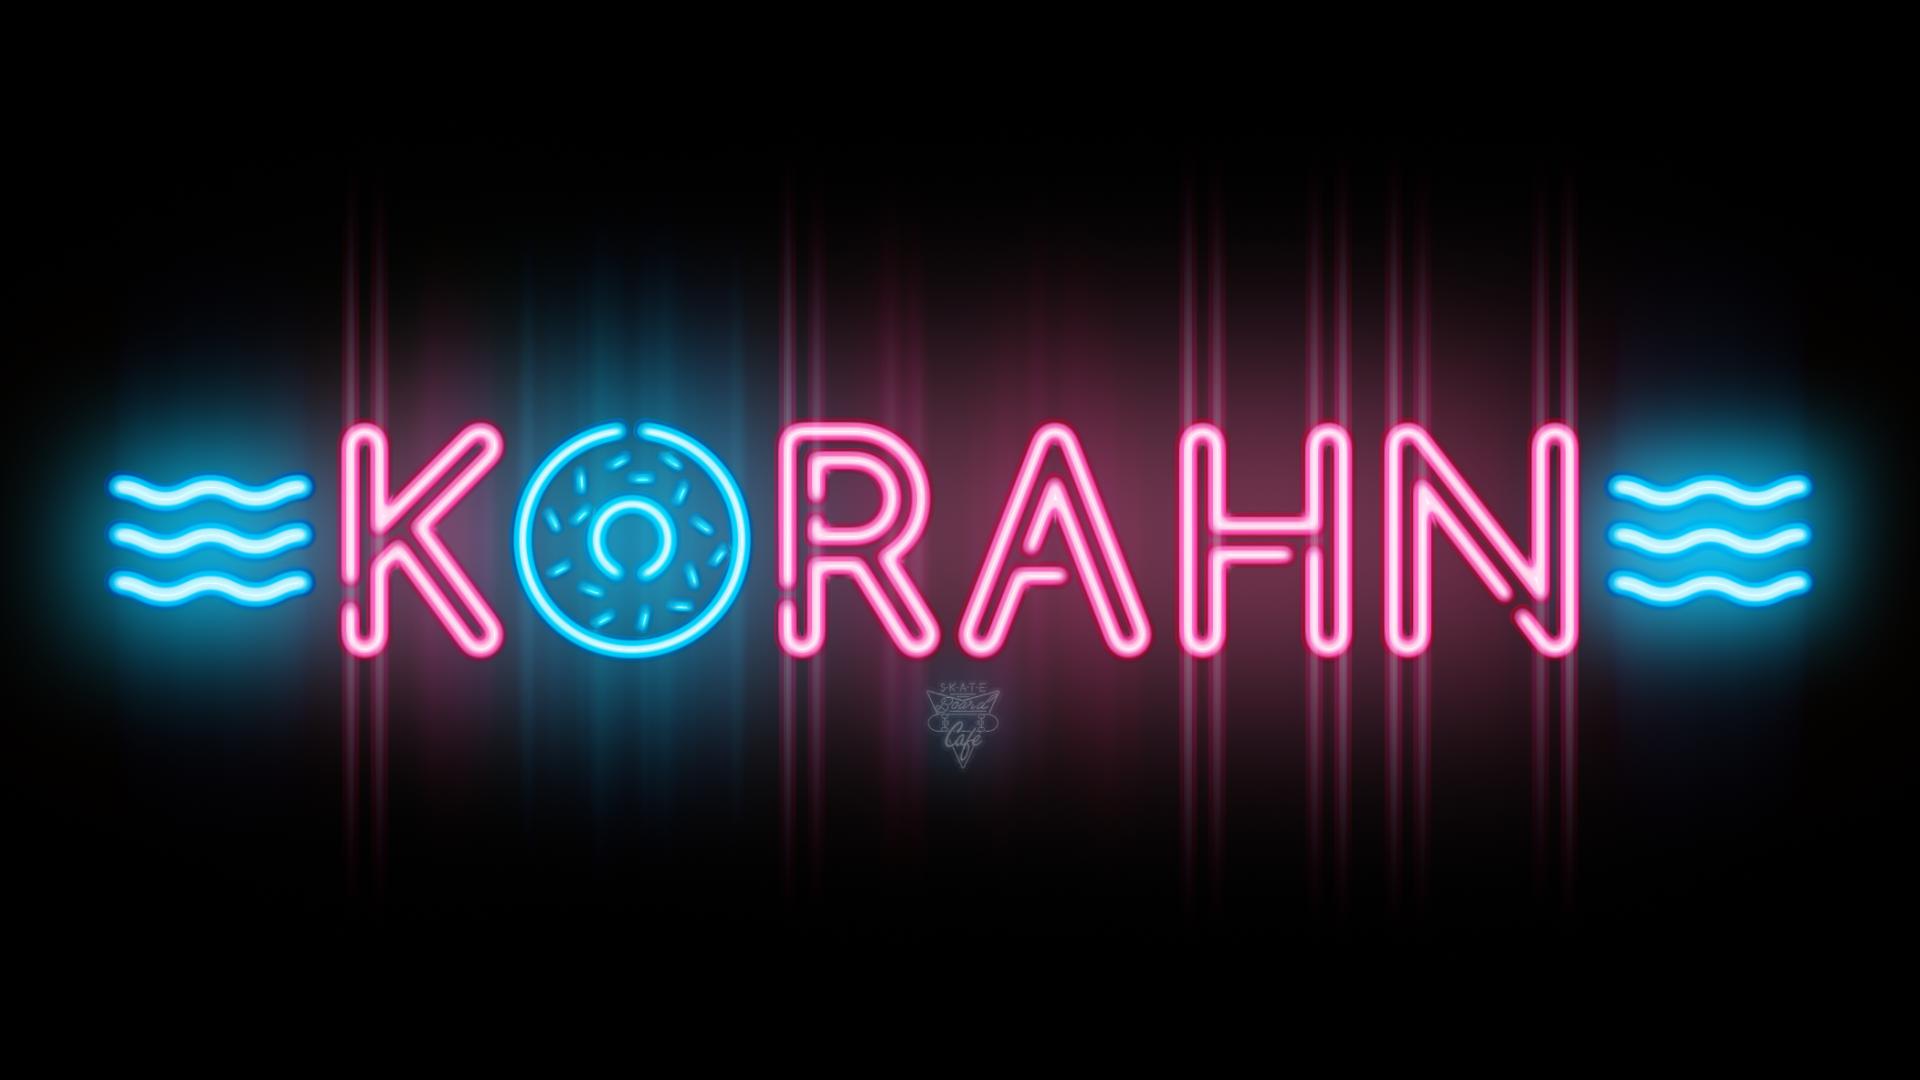 2015-06-Skate-Cafe-KORAHN-neon-glow-main-black-bg-00125